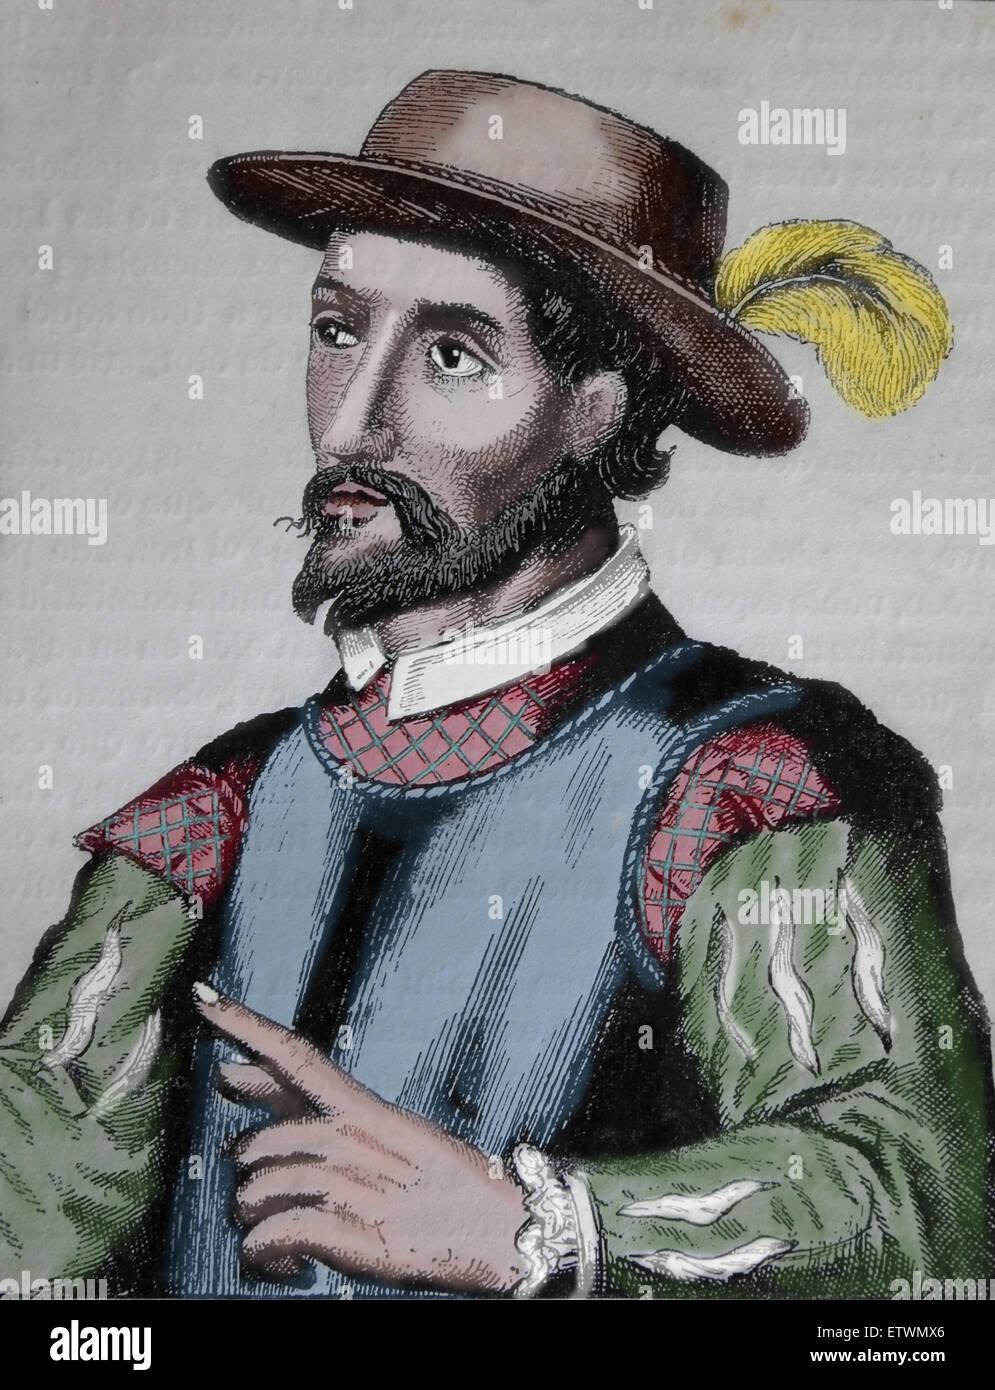 juan ponce de leon Juan ponce de león (santervás de campos, valladolid, 1460 - cuba, 1521) conquistador español de puerto rico y descubridor de la península de florida.